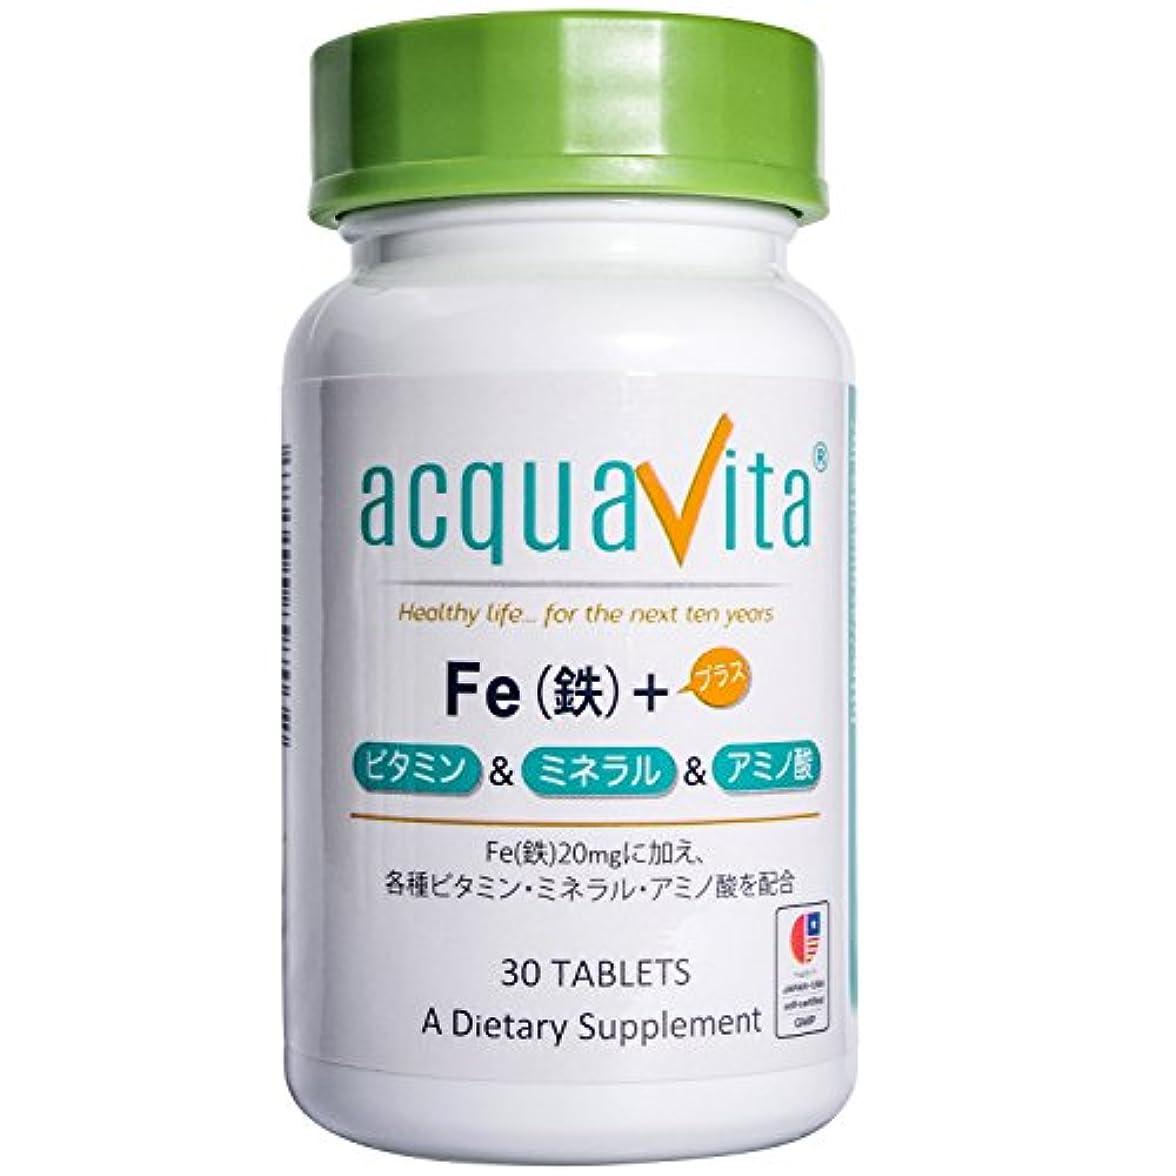 ながらマットレス警告acquavita(アクアヴィータ) Fe(鉄)+ビタミン?ミネラル?アミノ酸 30粒